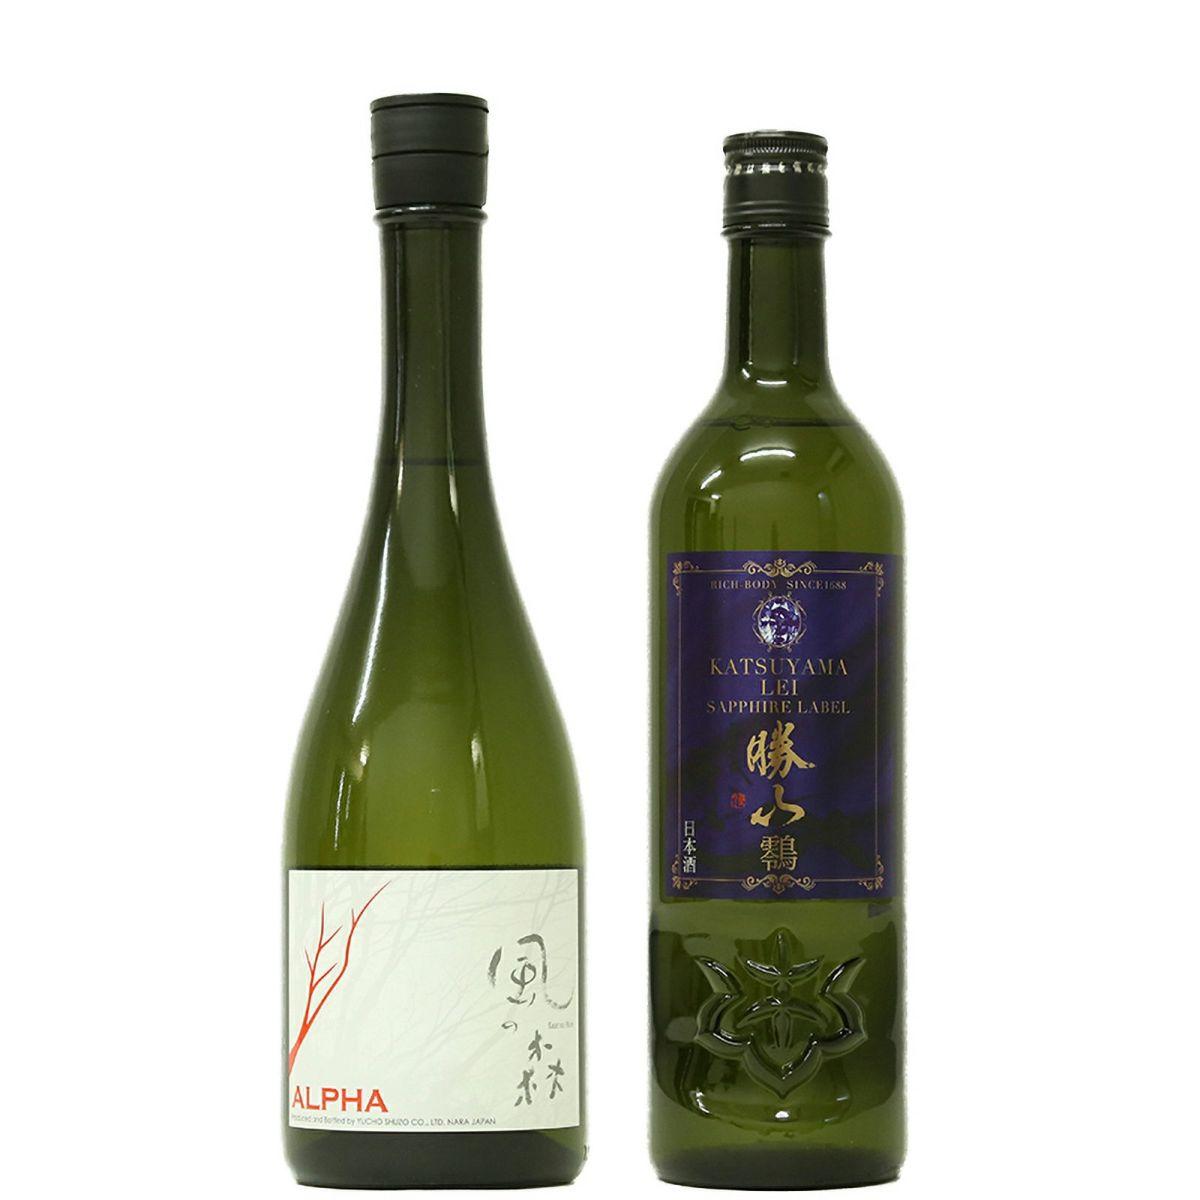 杜氏の技術が光る!低アルコール日本酒2本セット